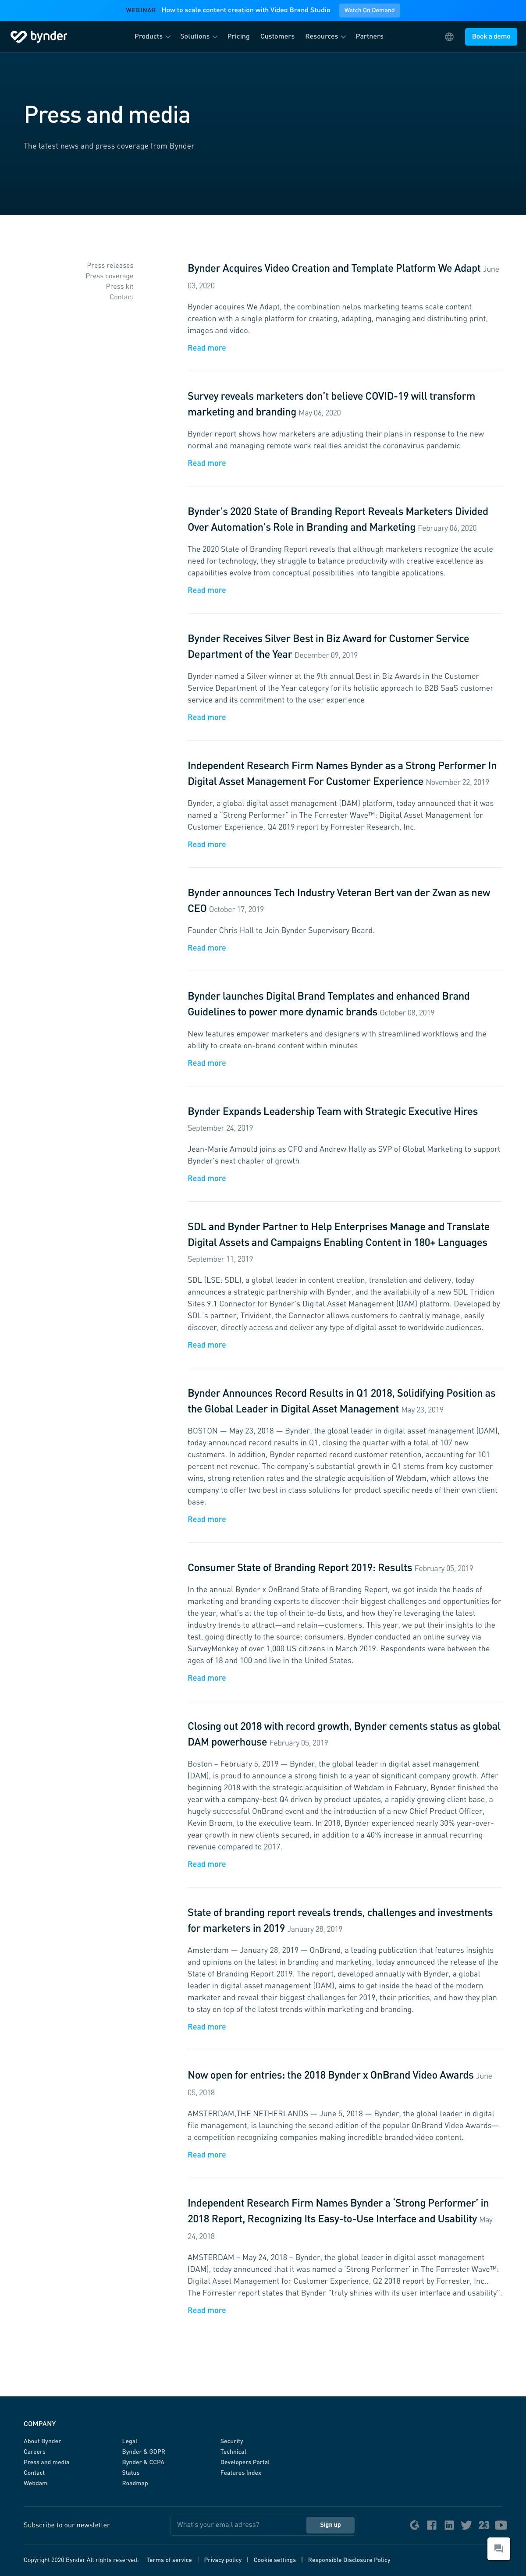 Bynder – Newsroom